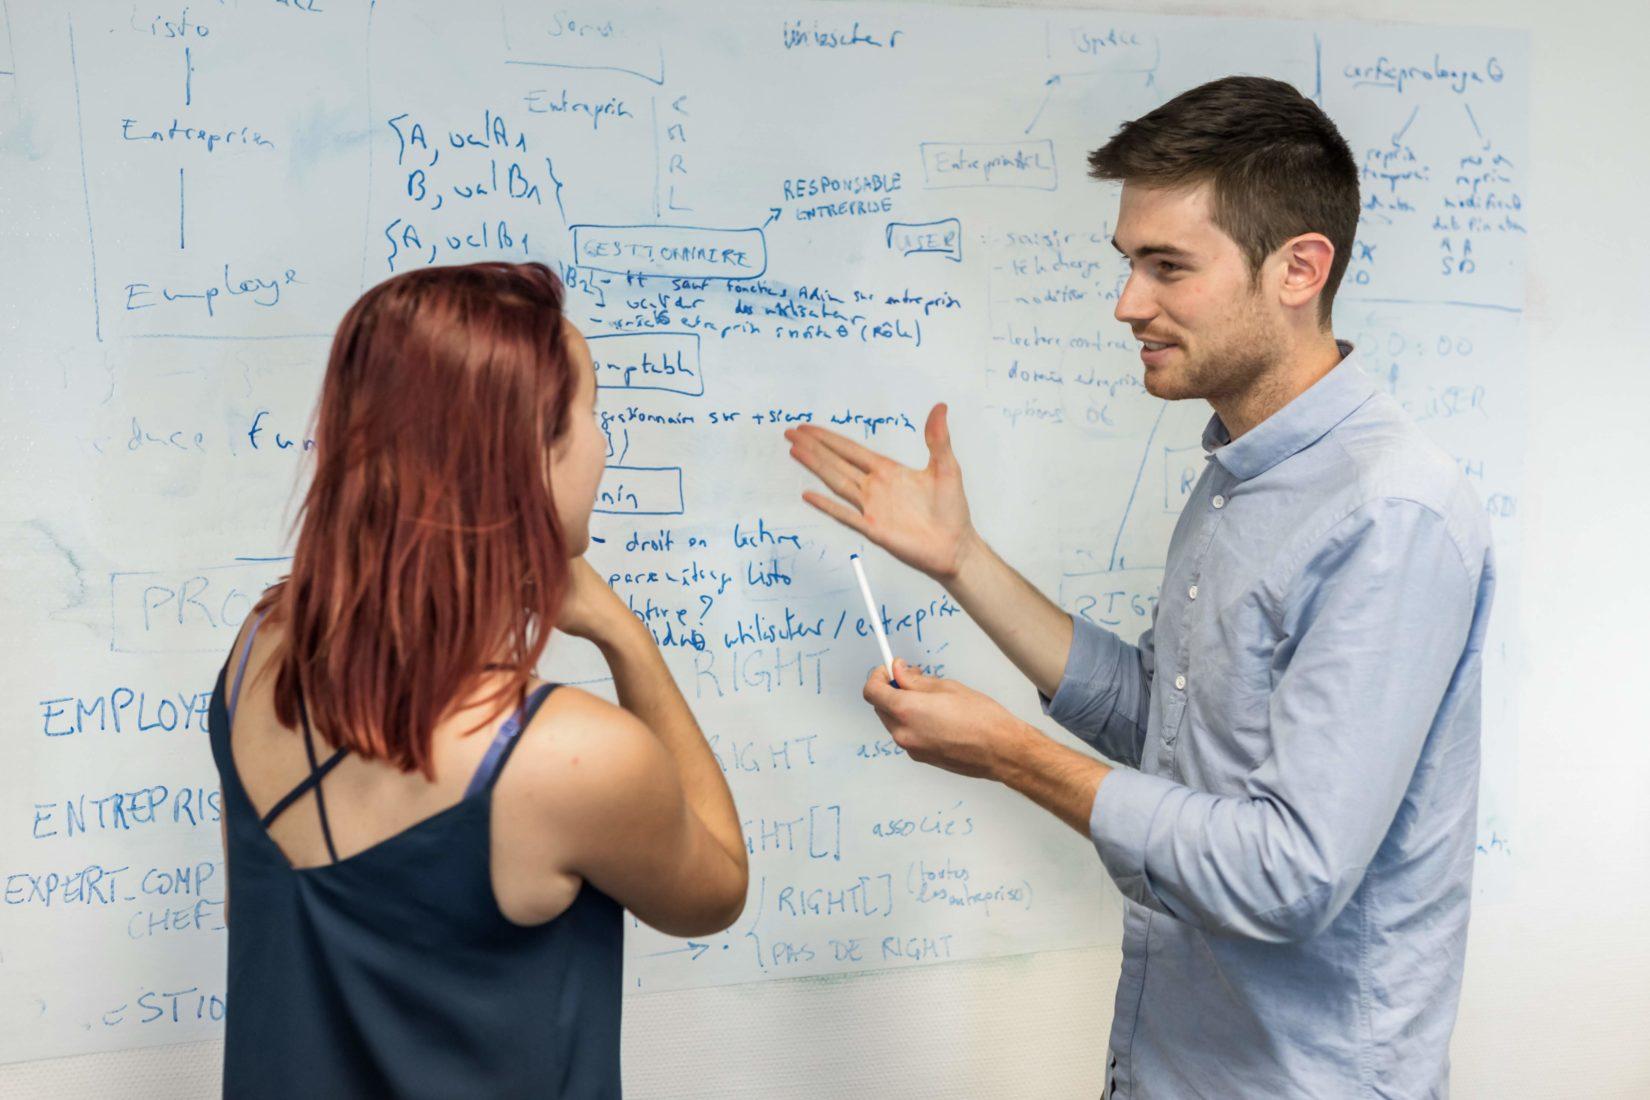 Listo, une équipe de spécialistes de la paie et du génie logiciel